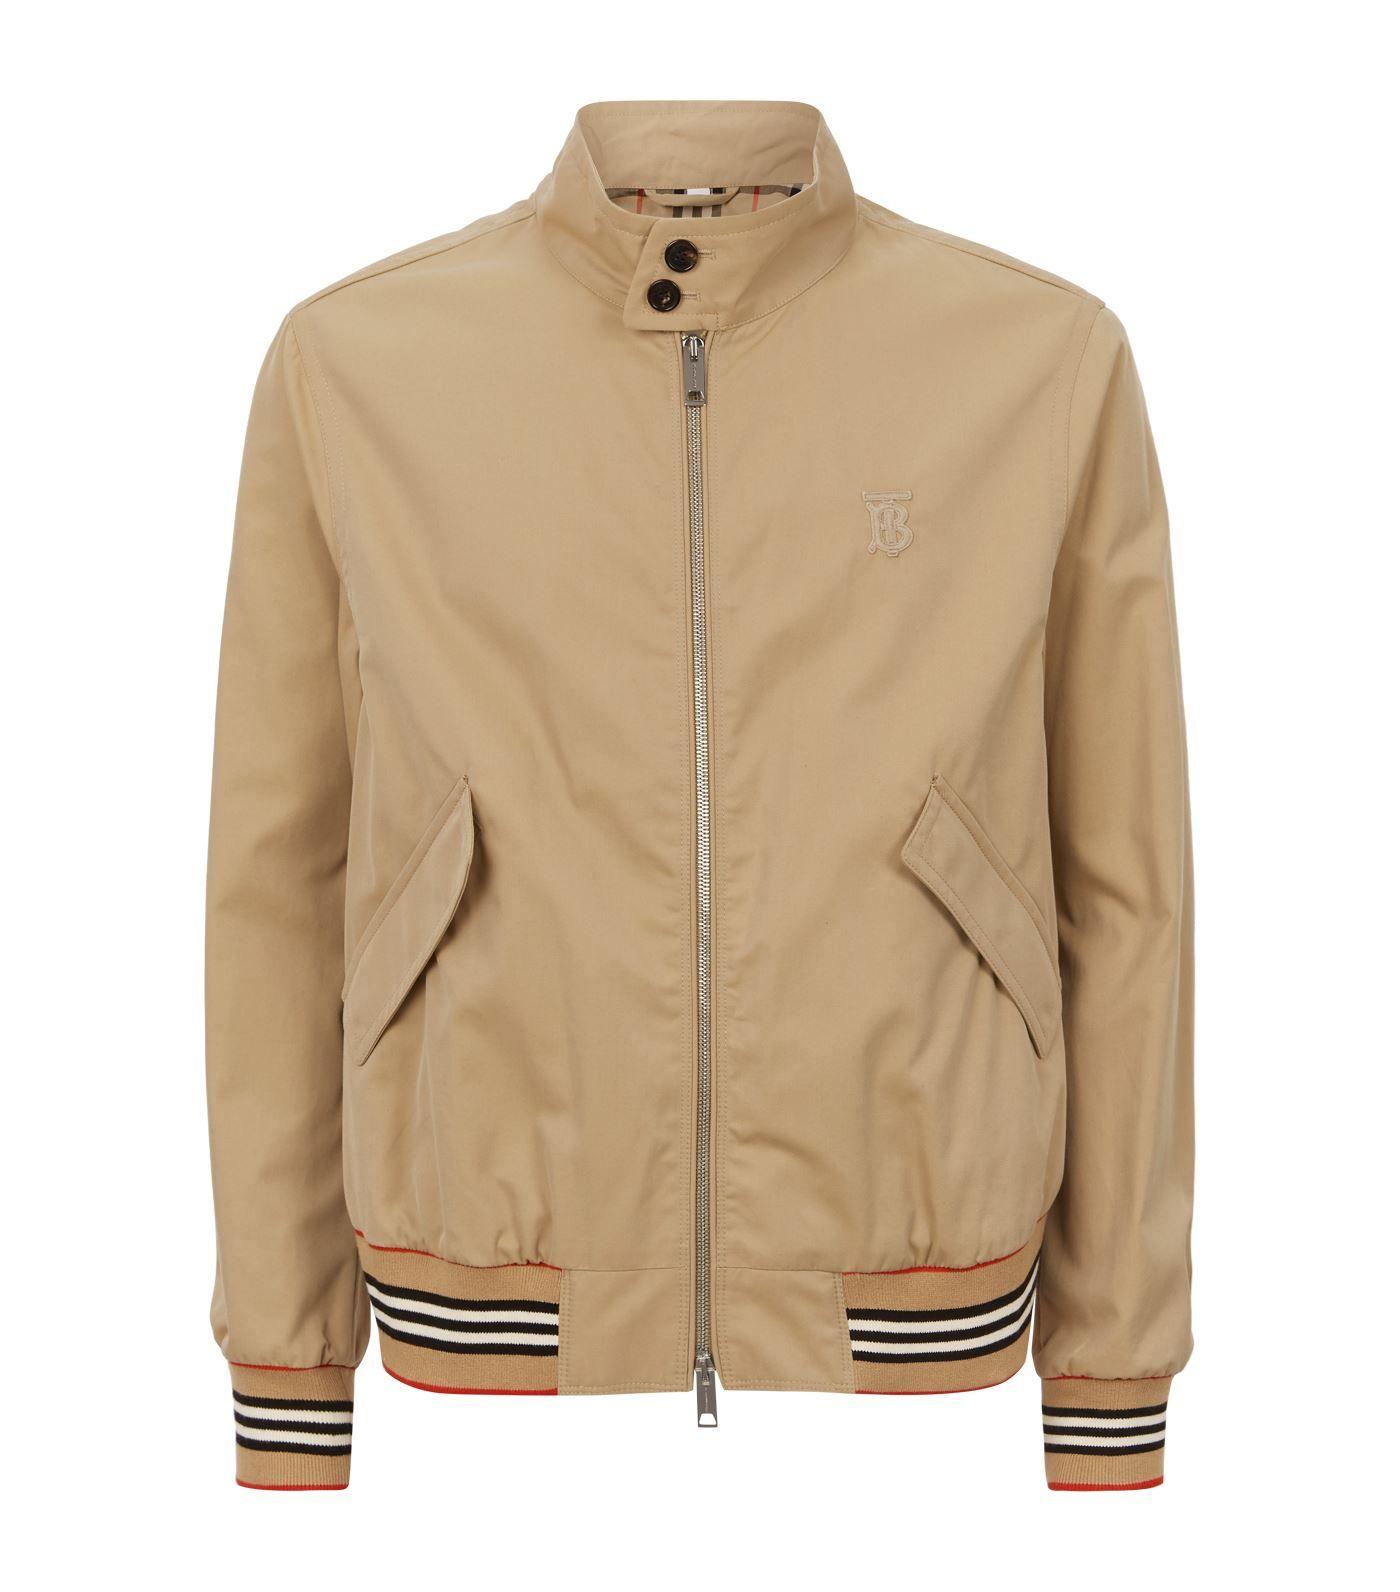 Burberry Harrington Jacket Burberry Cloth Harrington Jacket Jackets Cotton Gaberdine [ 1592 x 1400 Pixel ]